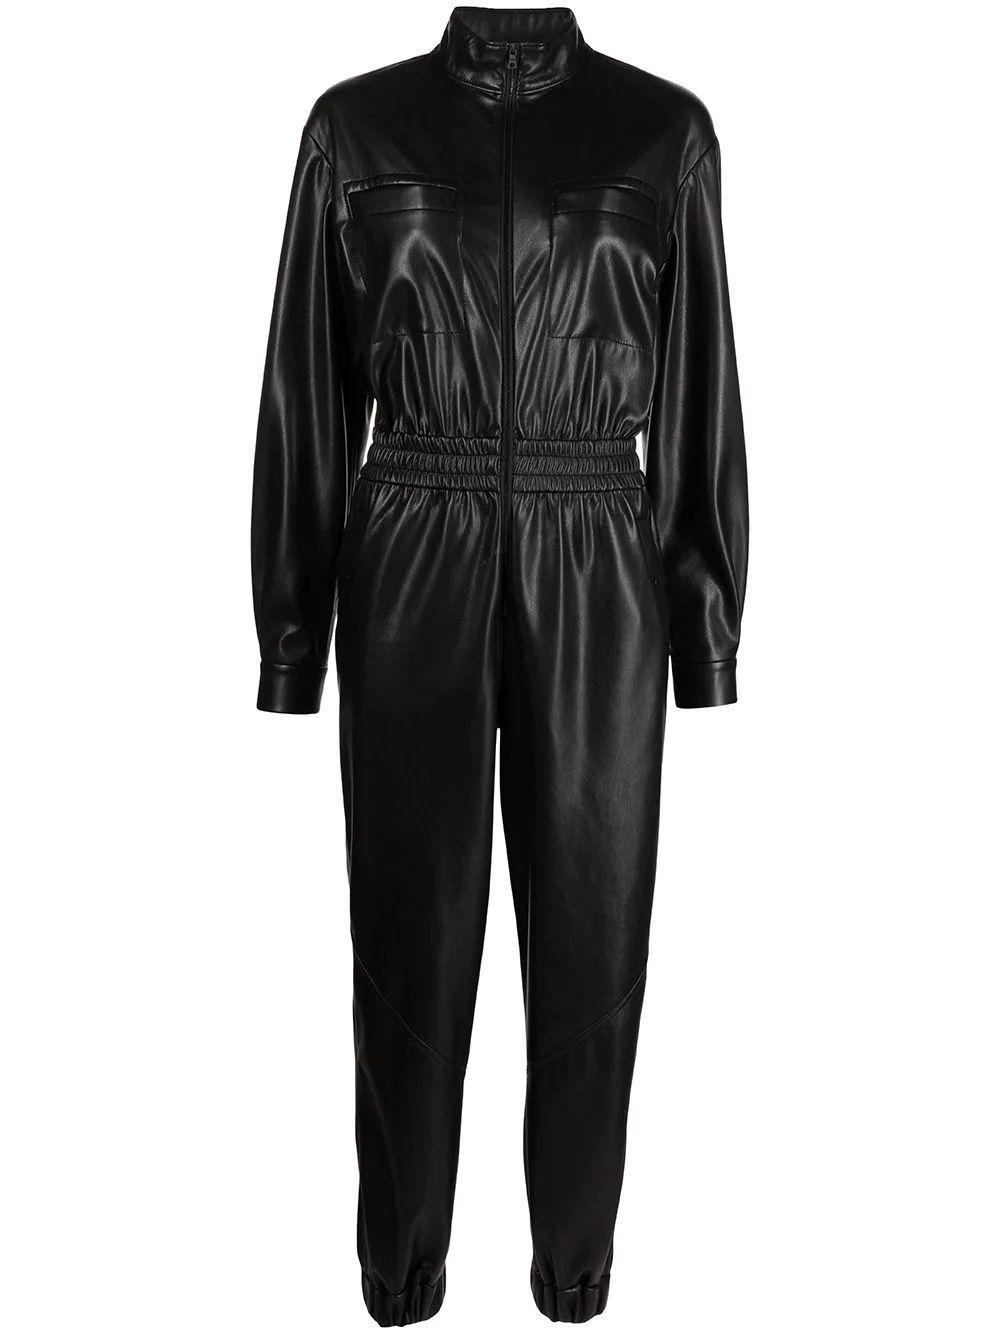 Levi Faux Leather Jumpsuit Item # CC109J16801